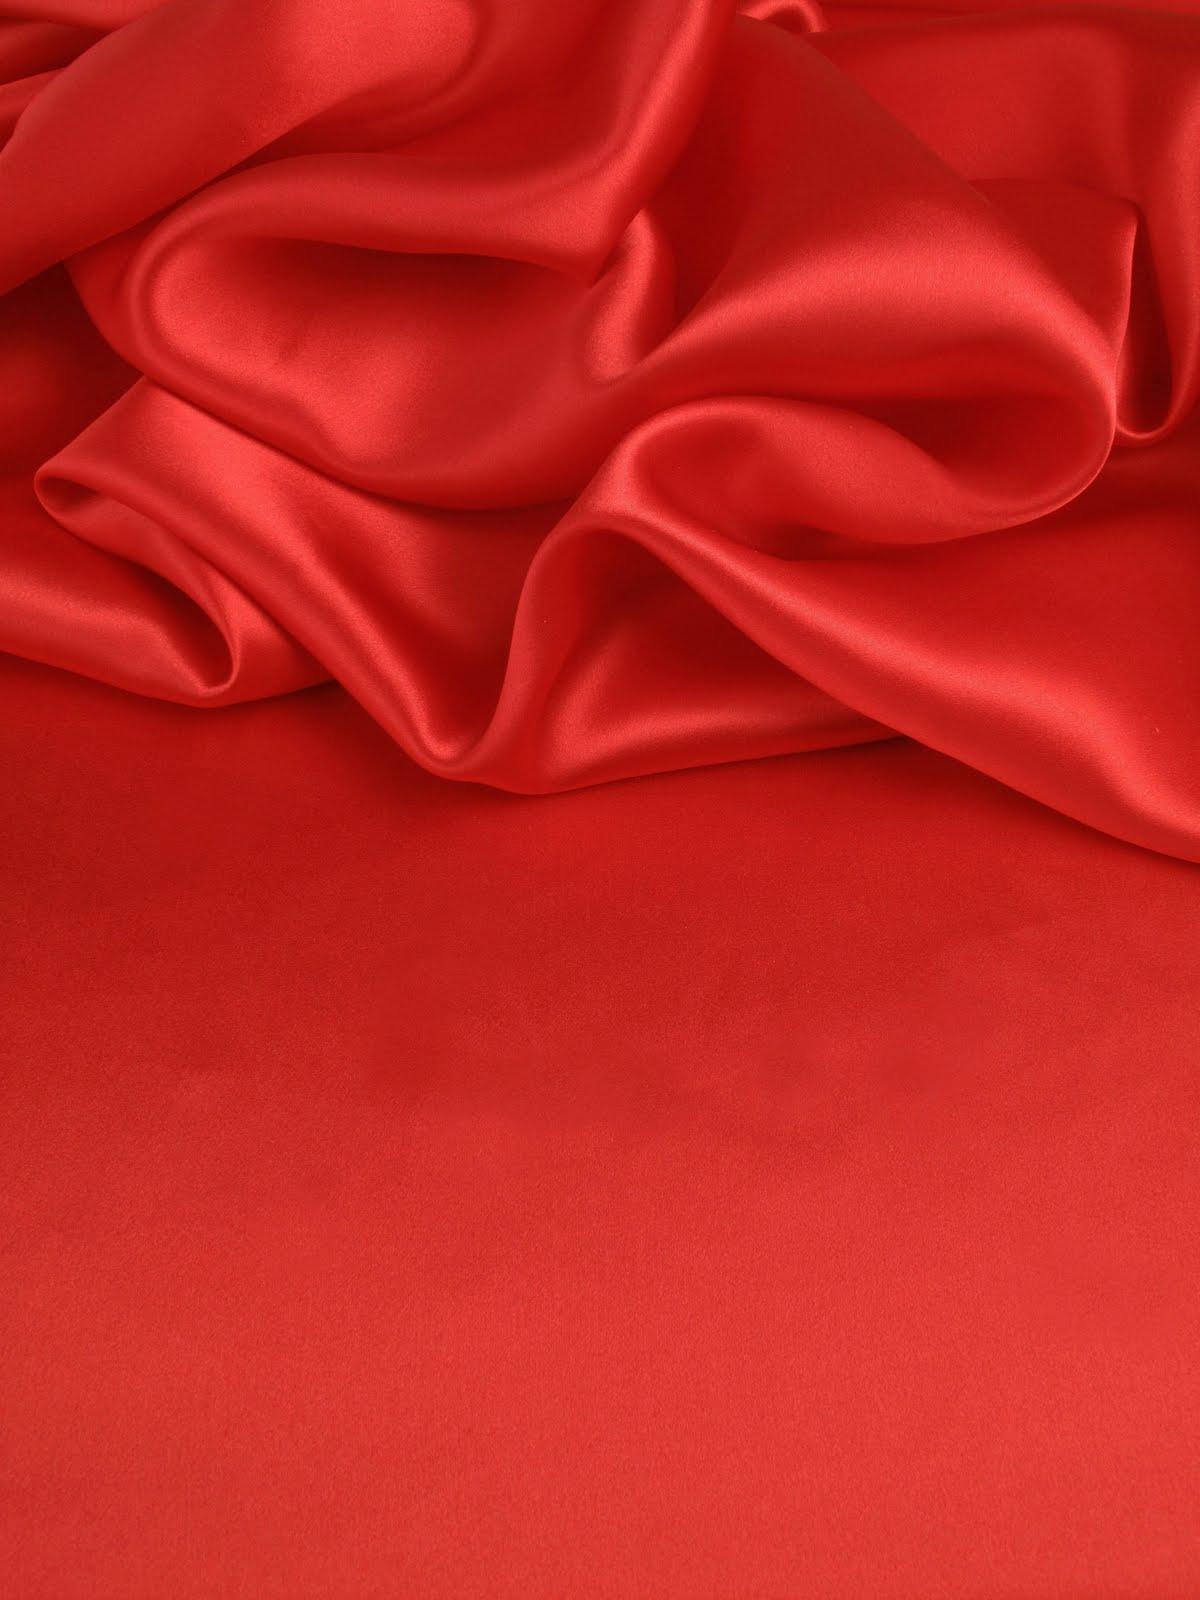 drap satin. Black Bedroom Furniture Sets. Home Design Ideas